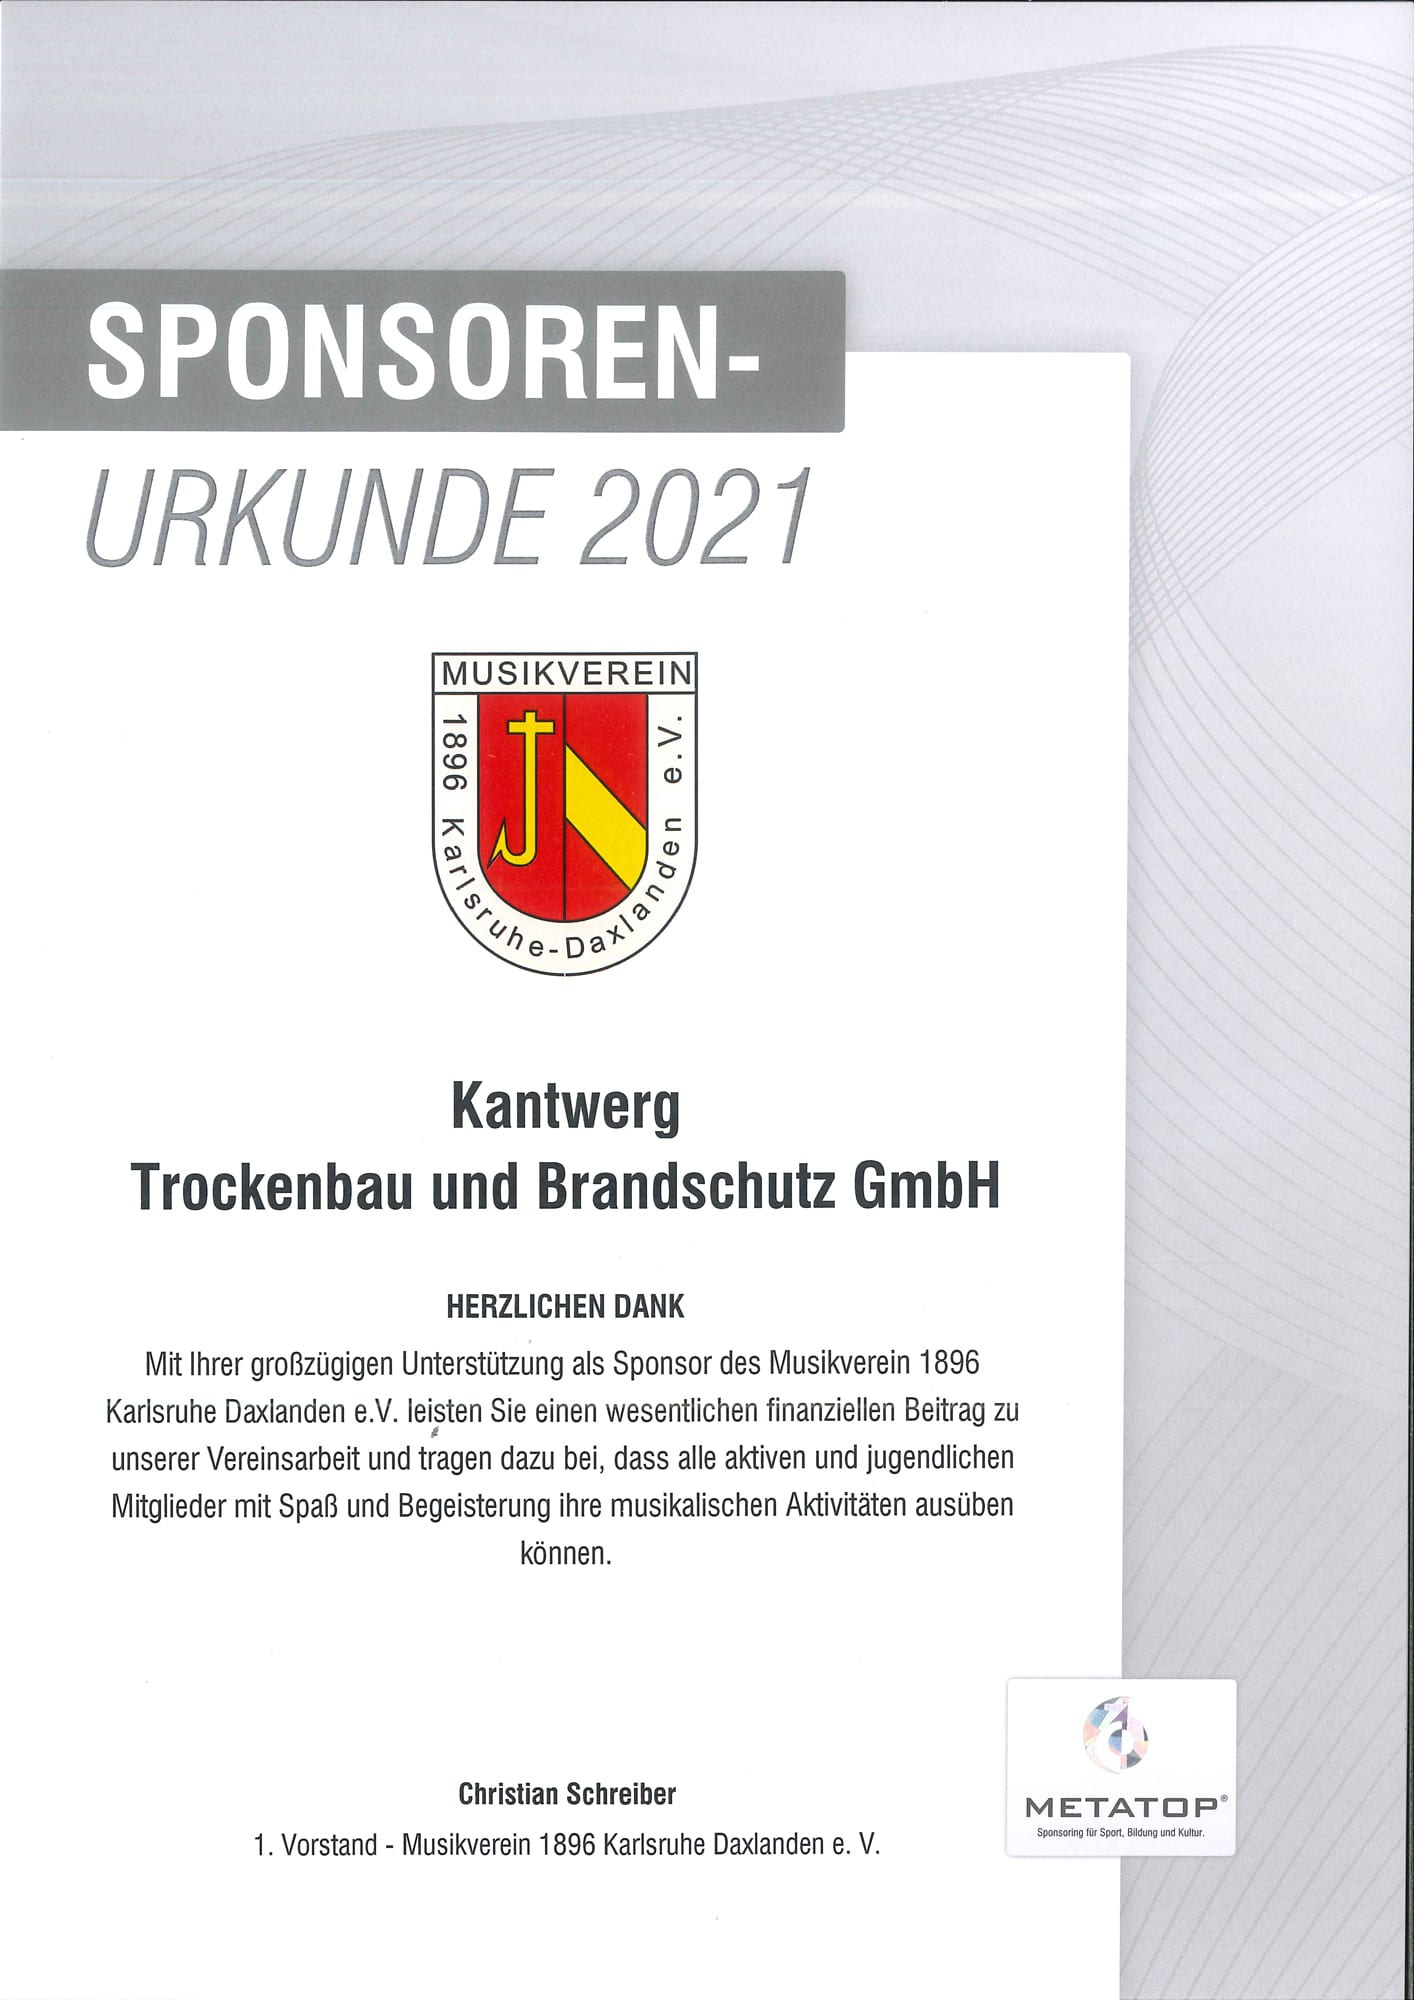 Sponsorenurkunde Musikverein 1896 Karlsruhe Daxlanden e.V.